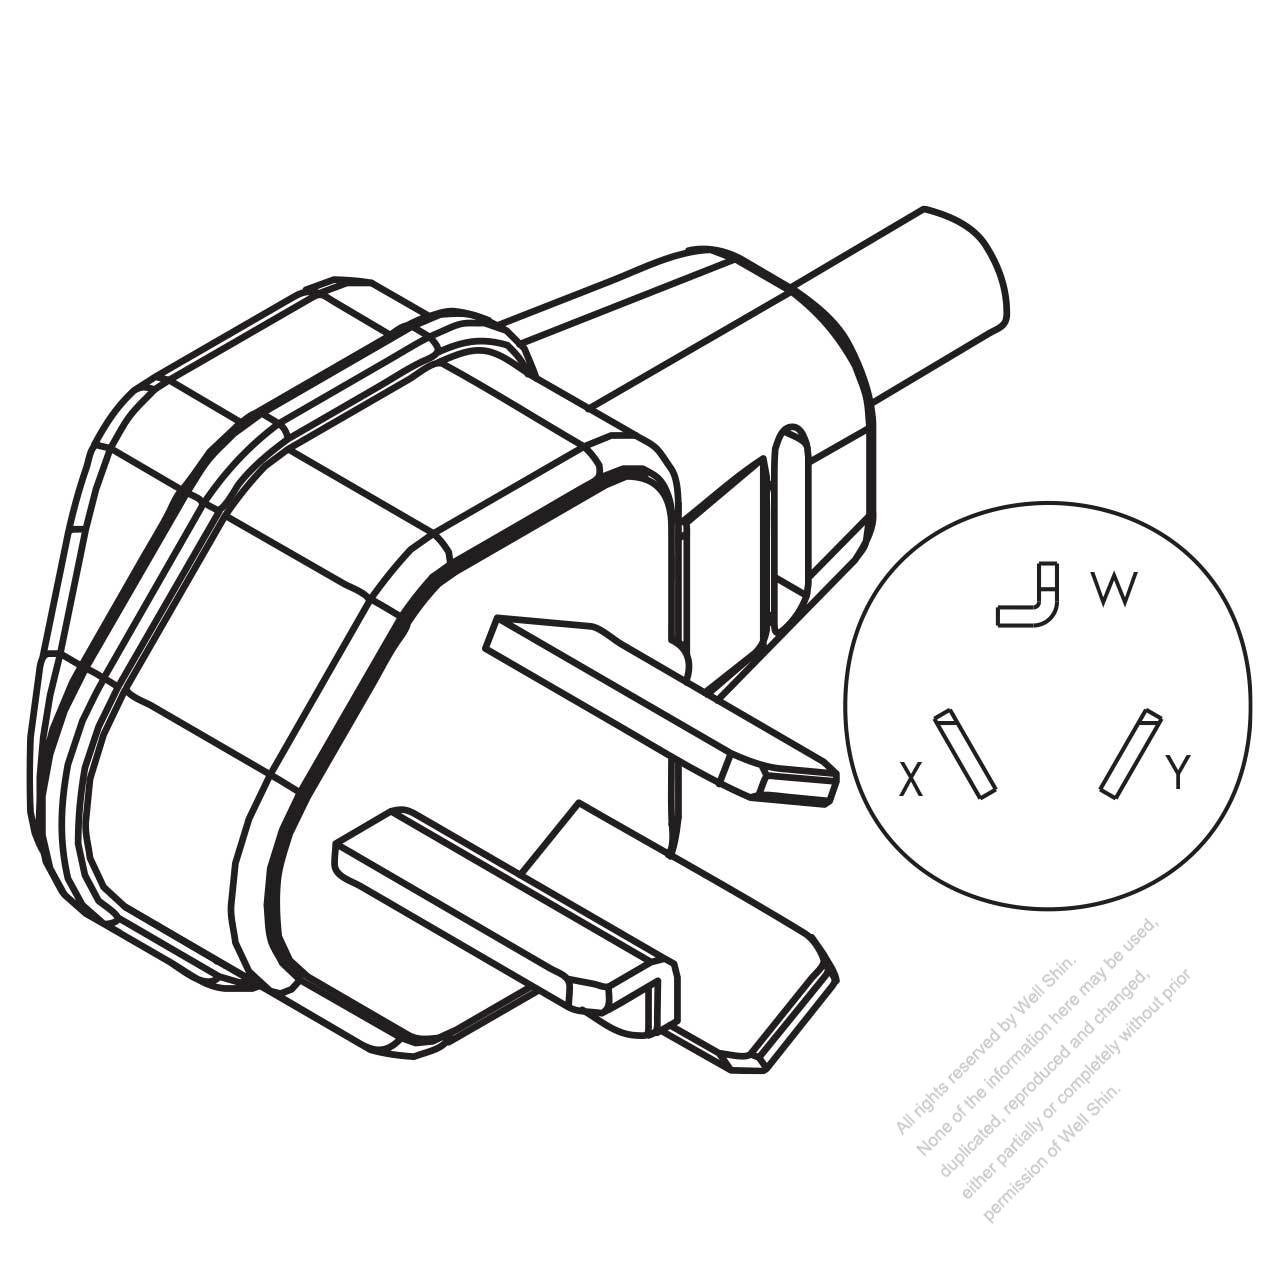 Wiring Diagram 250v 30a Plug